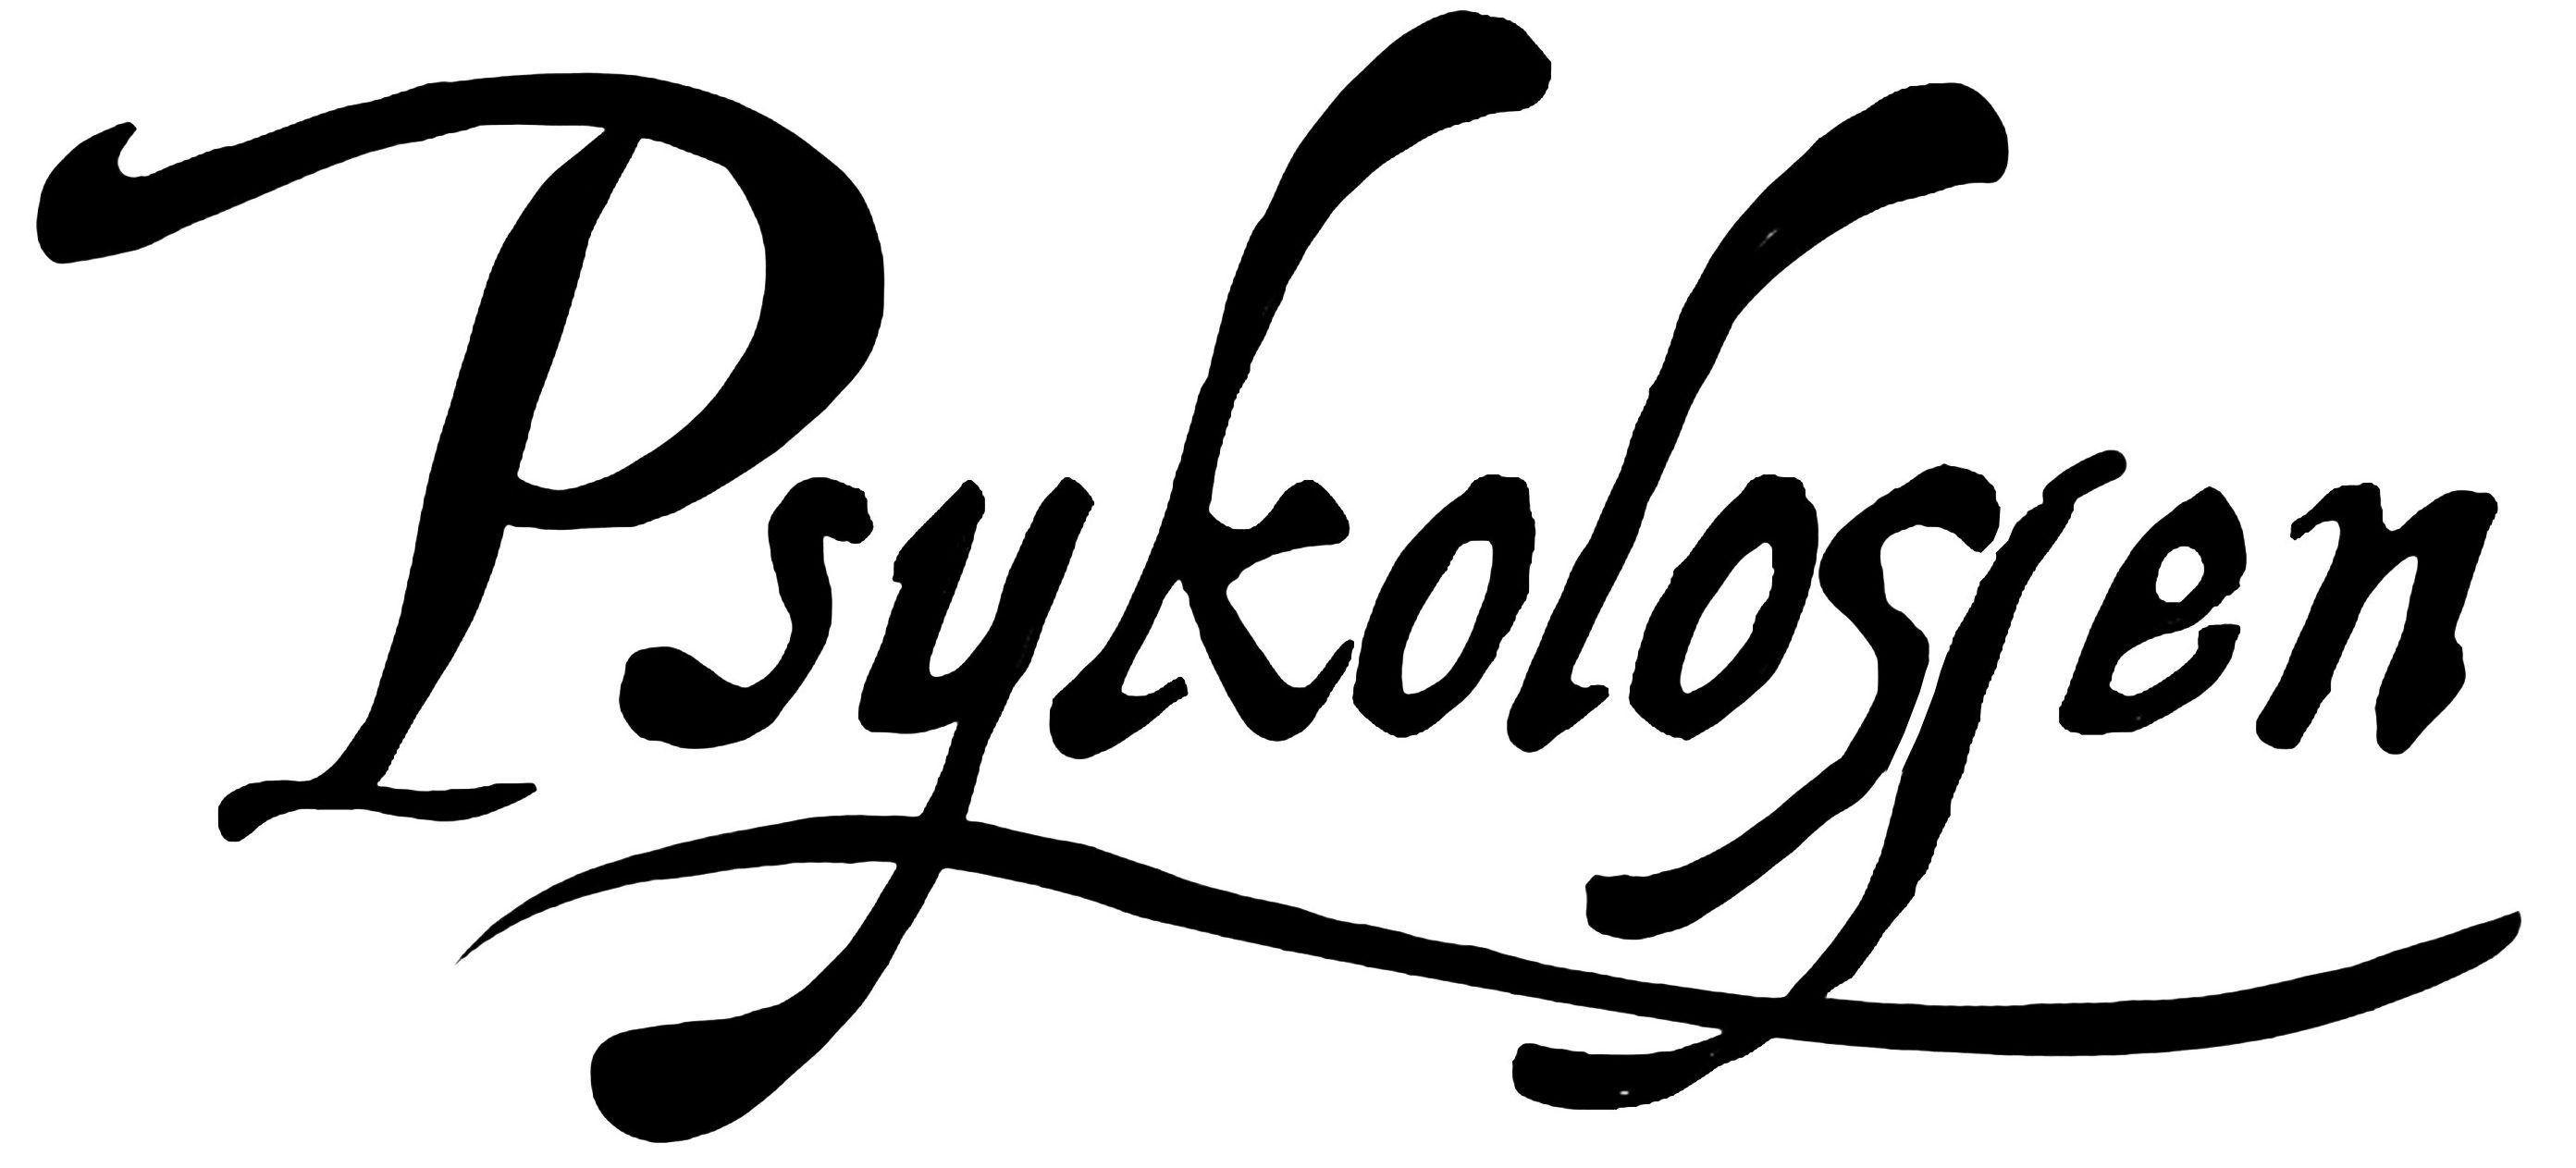 Psykolosjen